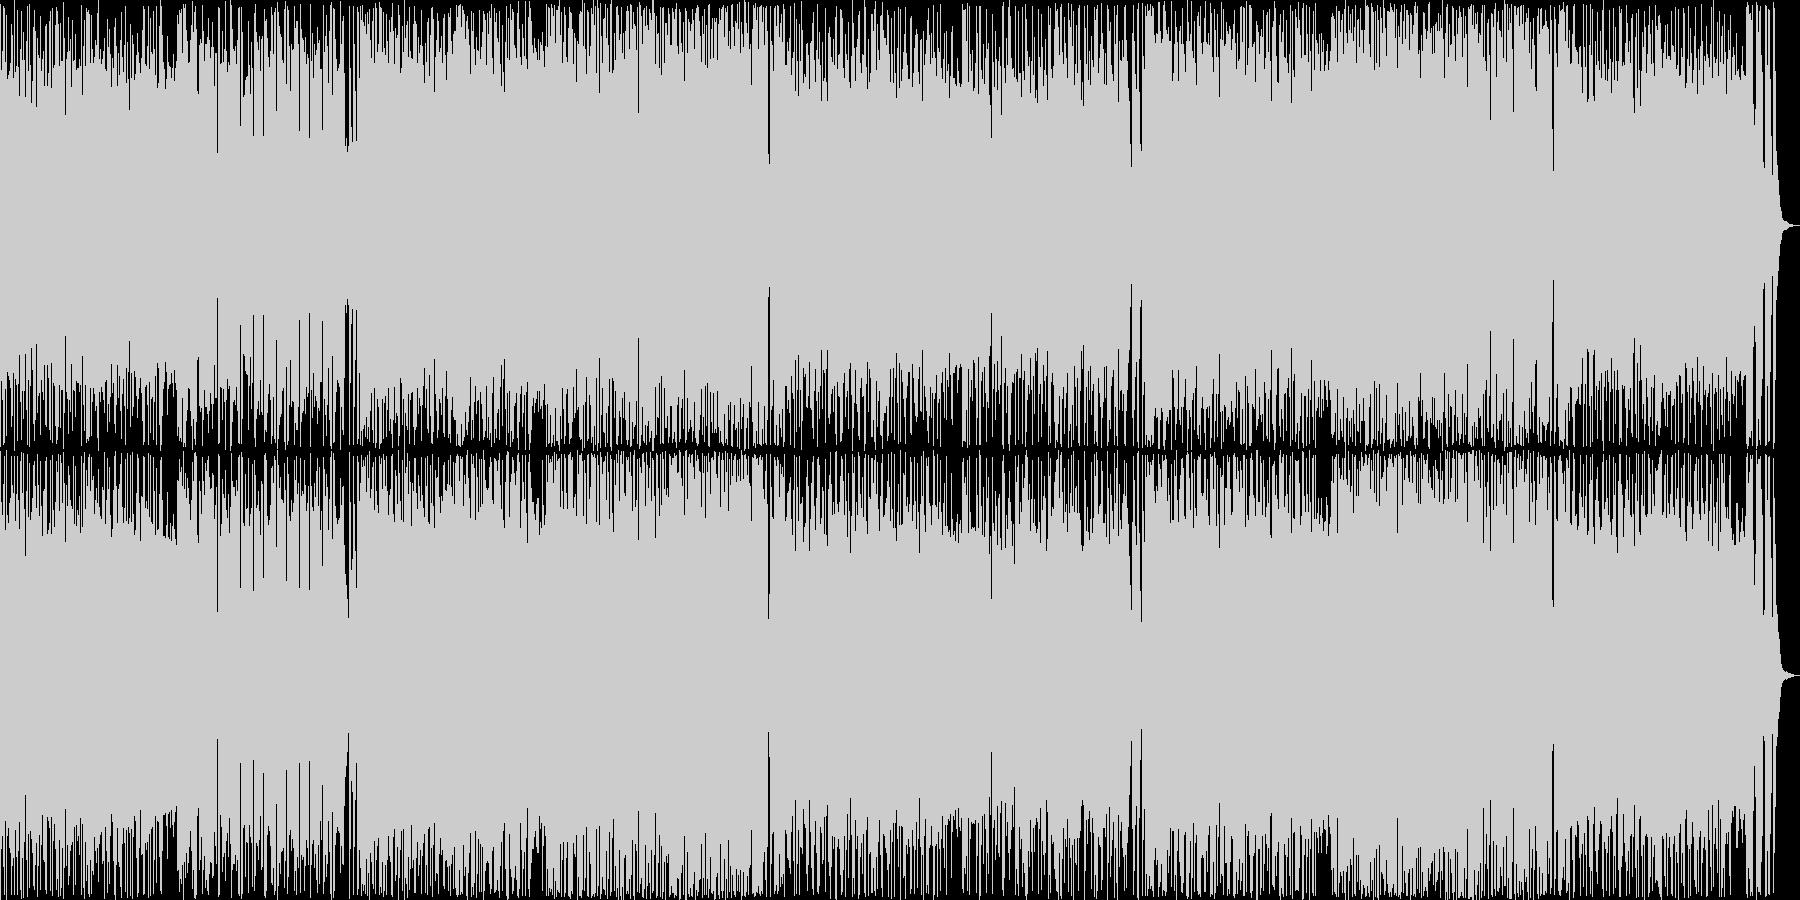 サックスが印象的なフュージョンの未再生の波形